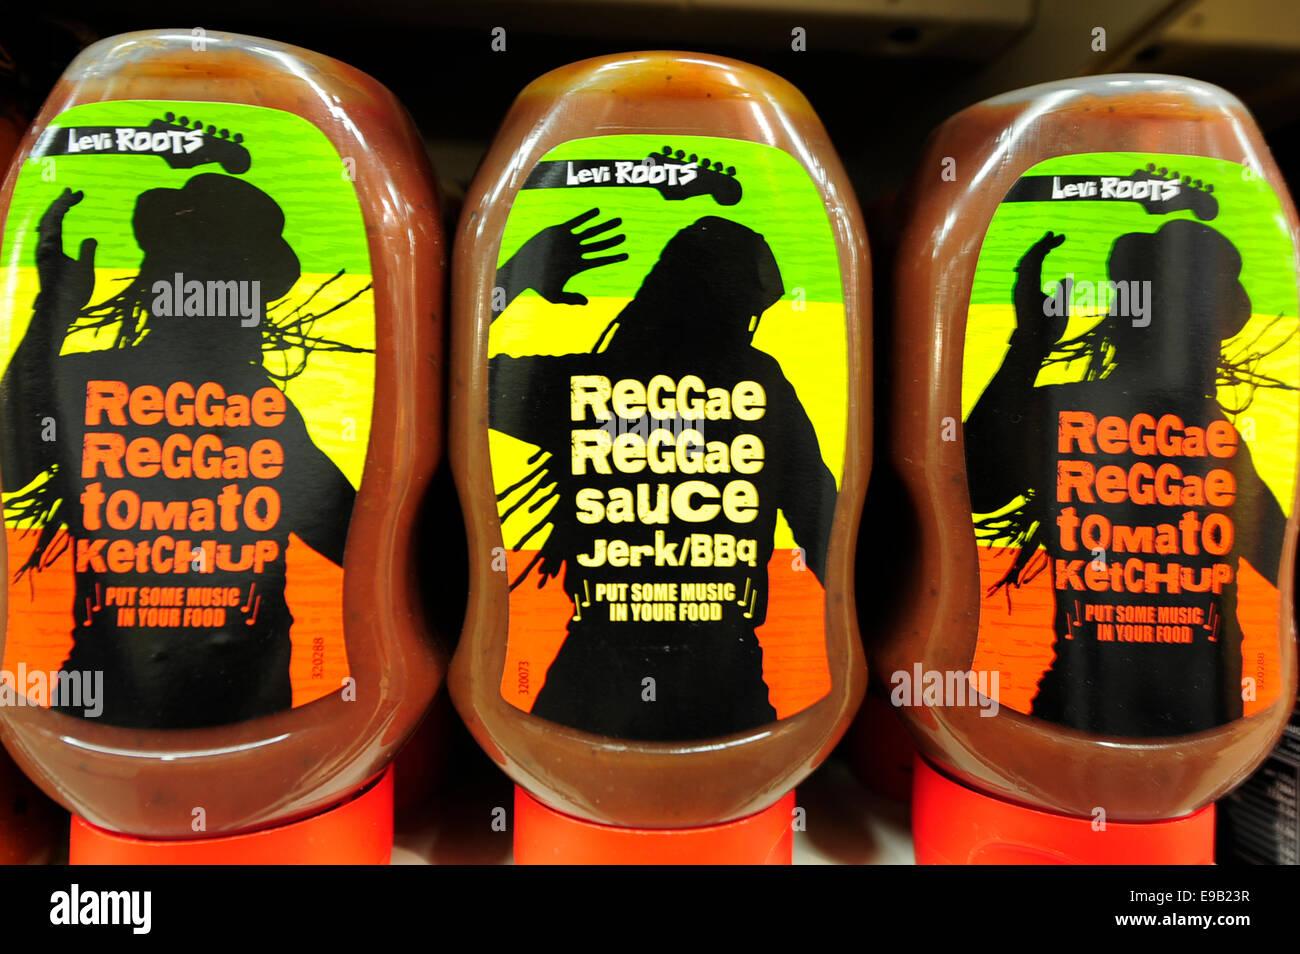 reggae reggae sauce on shelfs (Newscast)(Model Released) - Stock Image